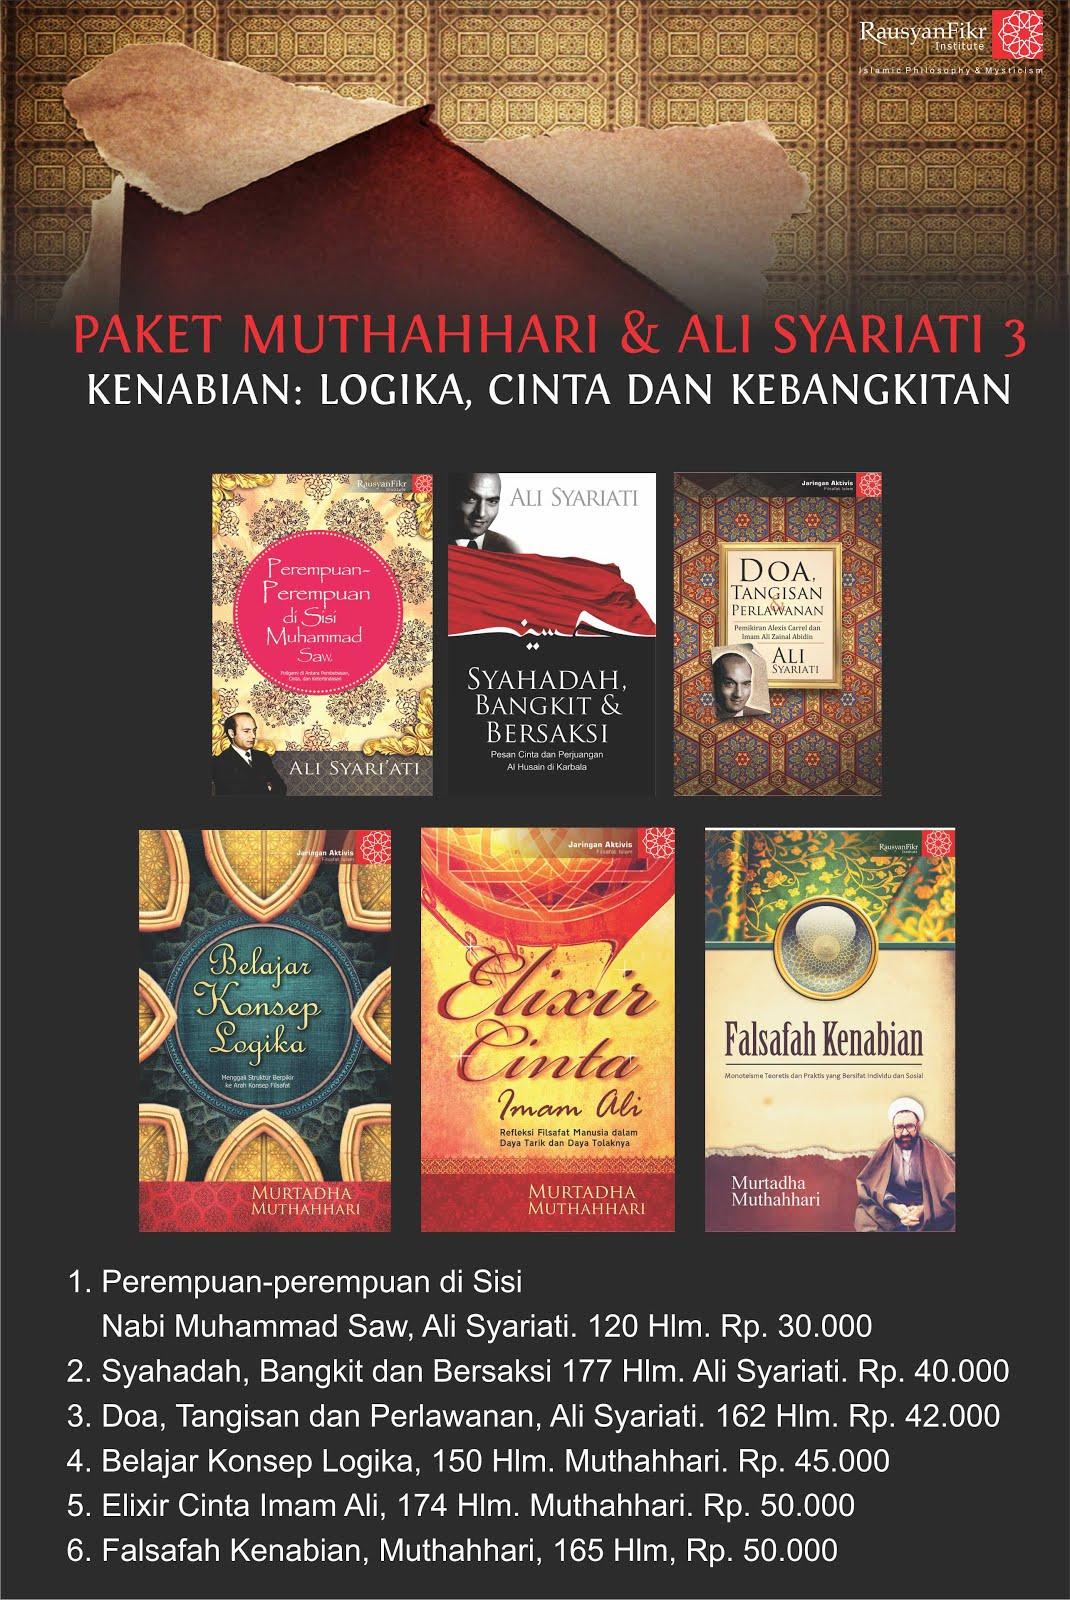 Paket Muthahhari & Syariati 3, Kenabian : Logika, Cinta dan Kebangkitan Rp. 114.000